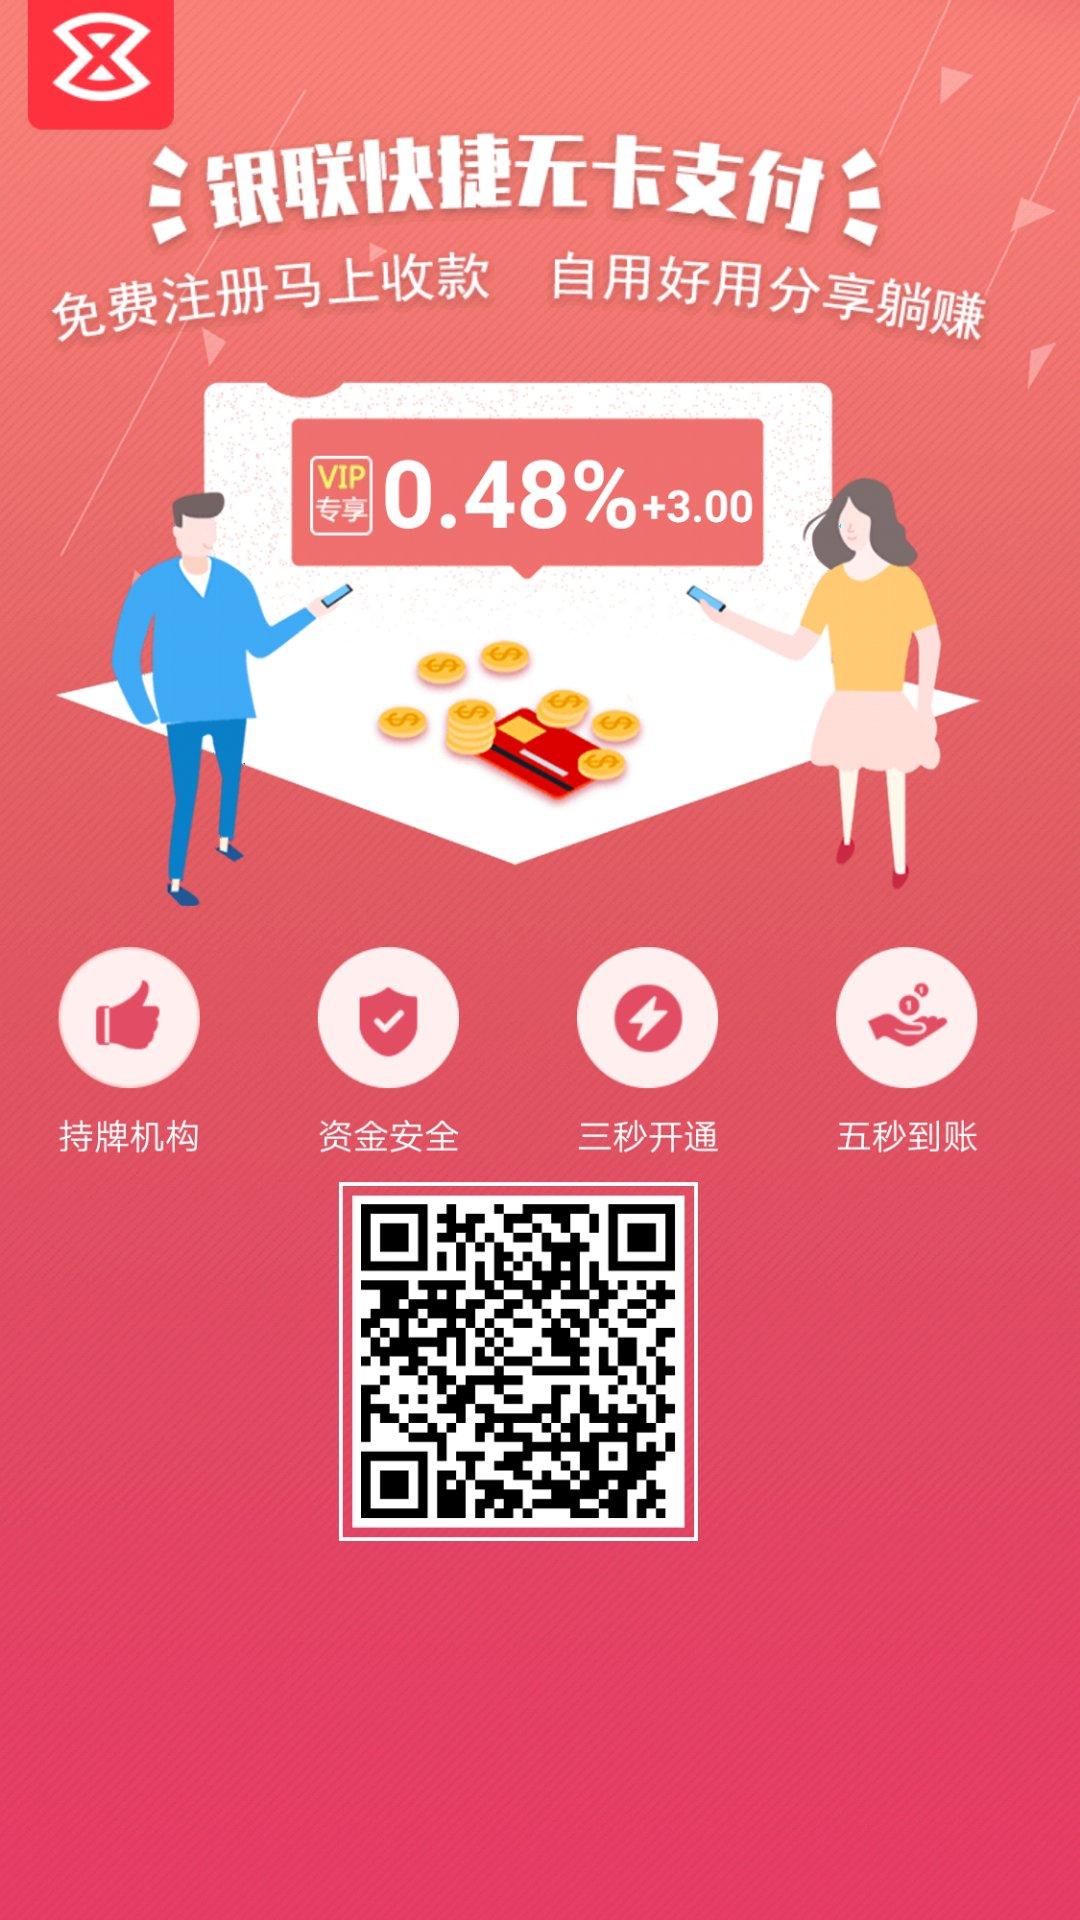 天下支付推出 无卡支付产品 有金堂APP 发布15号见面分享会!